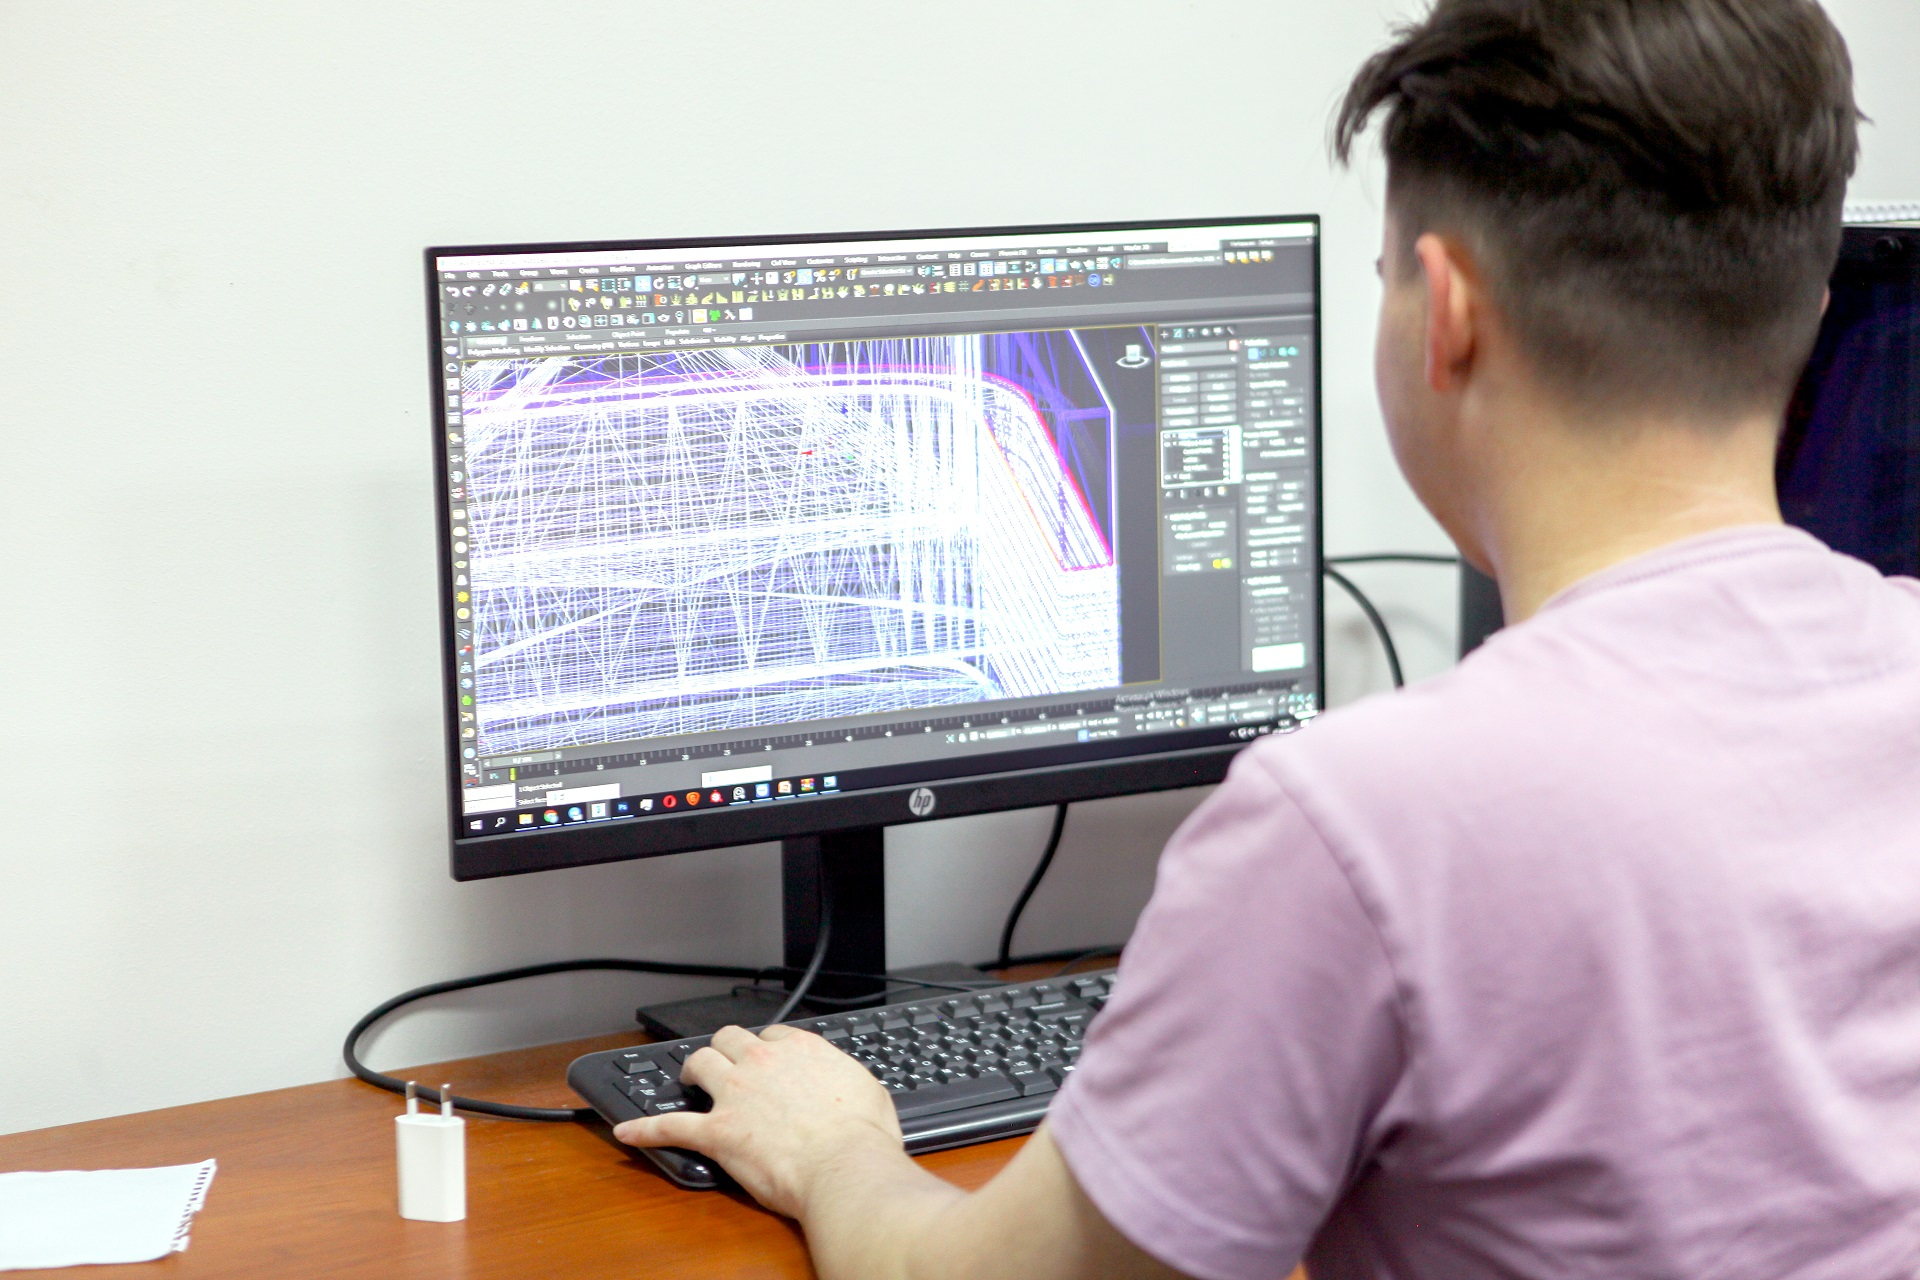 3D художник-новачок за роботою